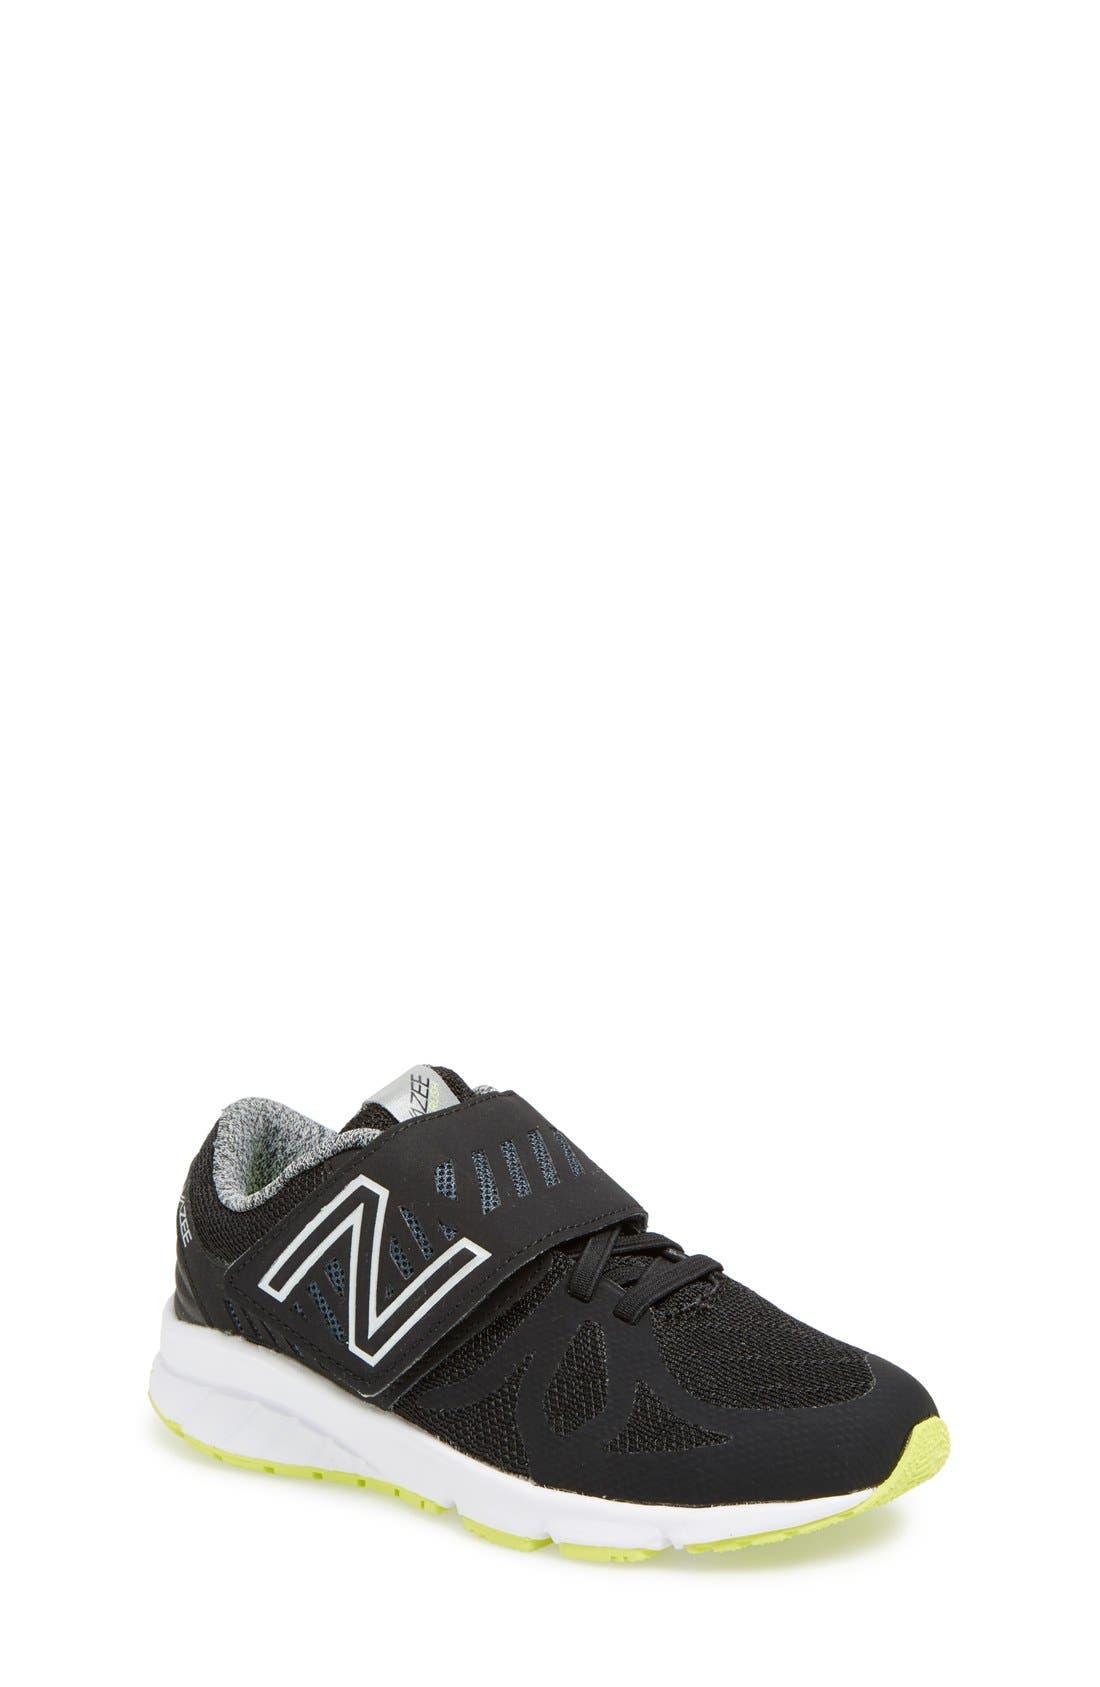 'Vazee Rush 200' Athletic Shoe,                             Main thumbnail 1, color,                             Black